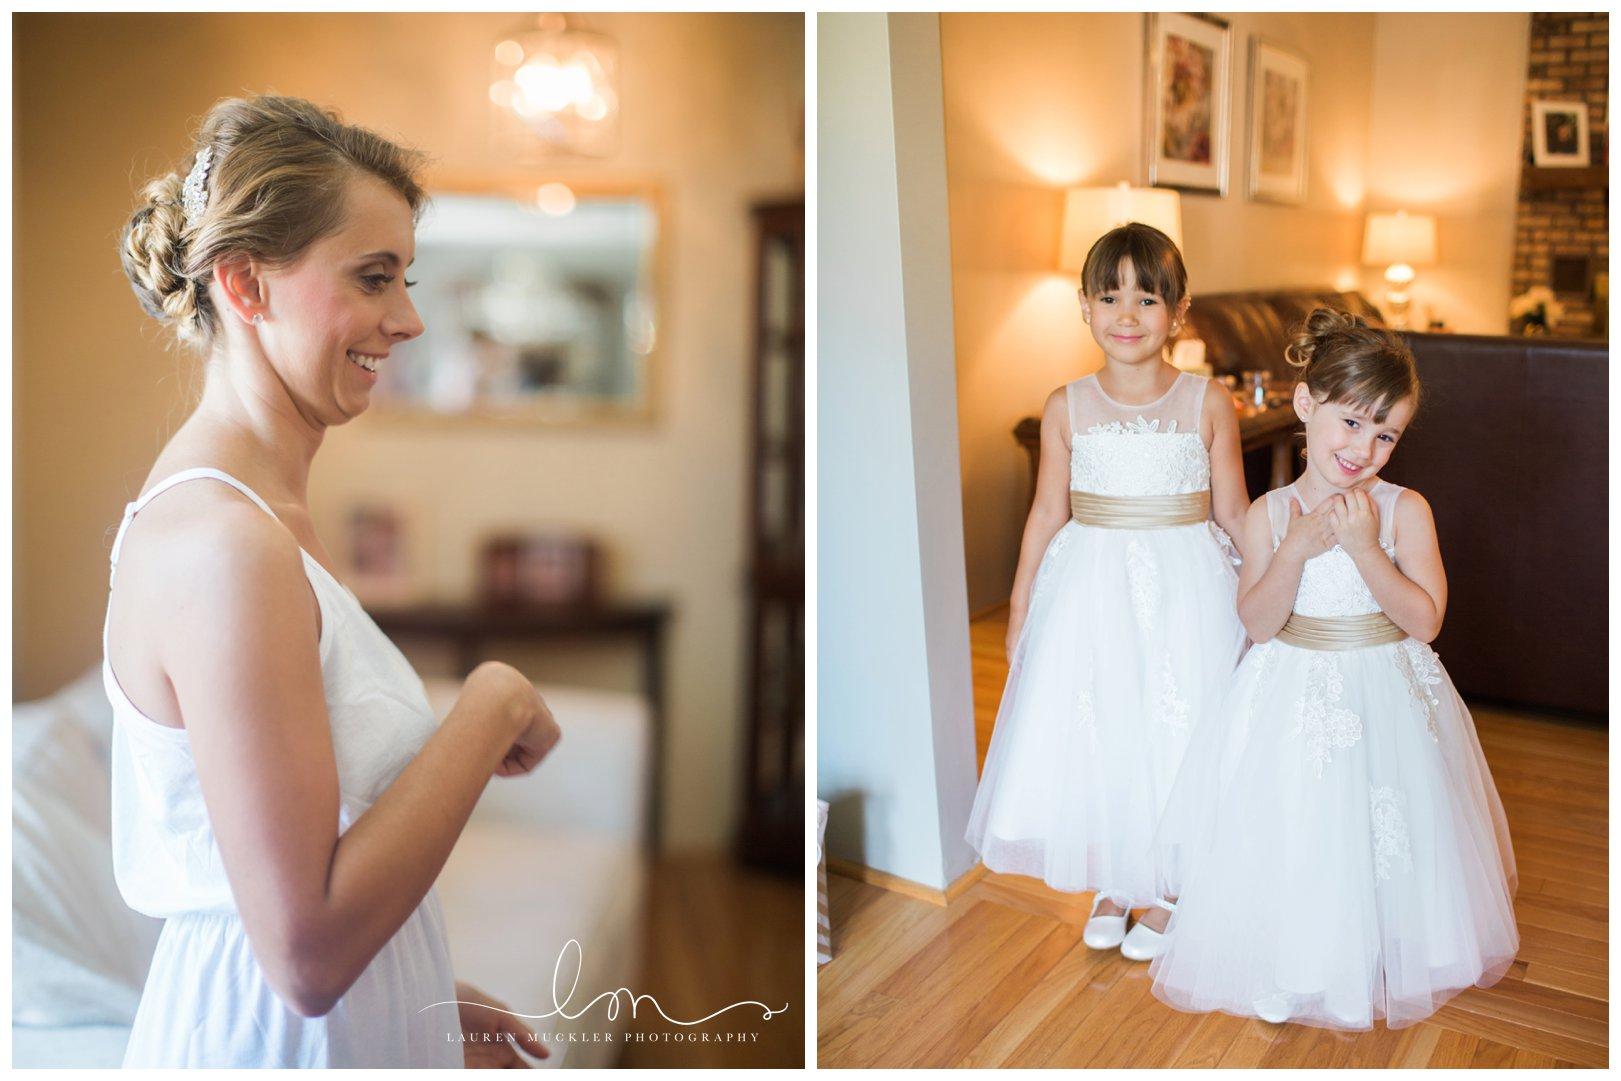 lauren muckler photography_fine art film wedding photography_st louis_photography_0483.jpg